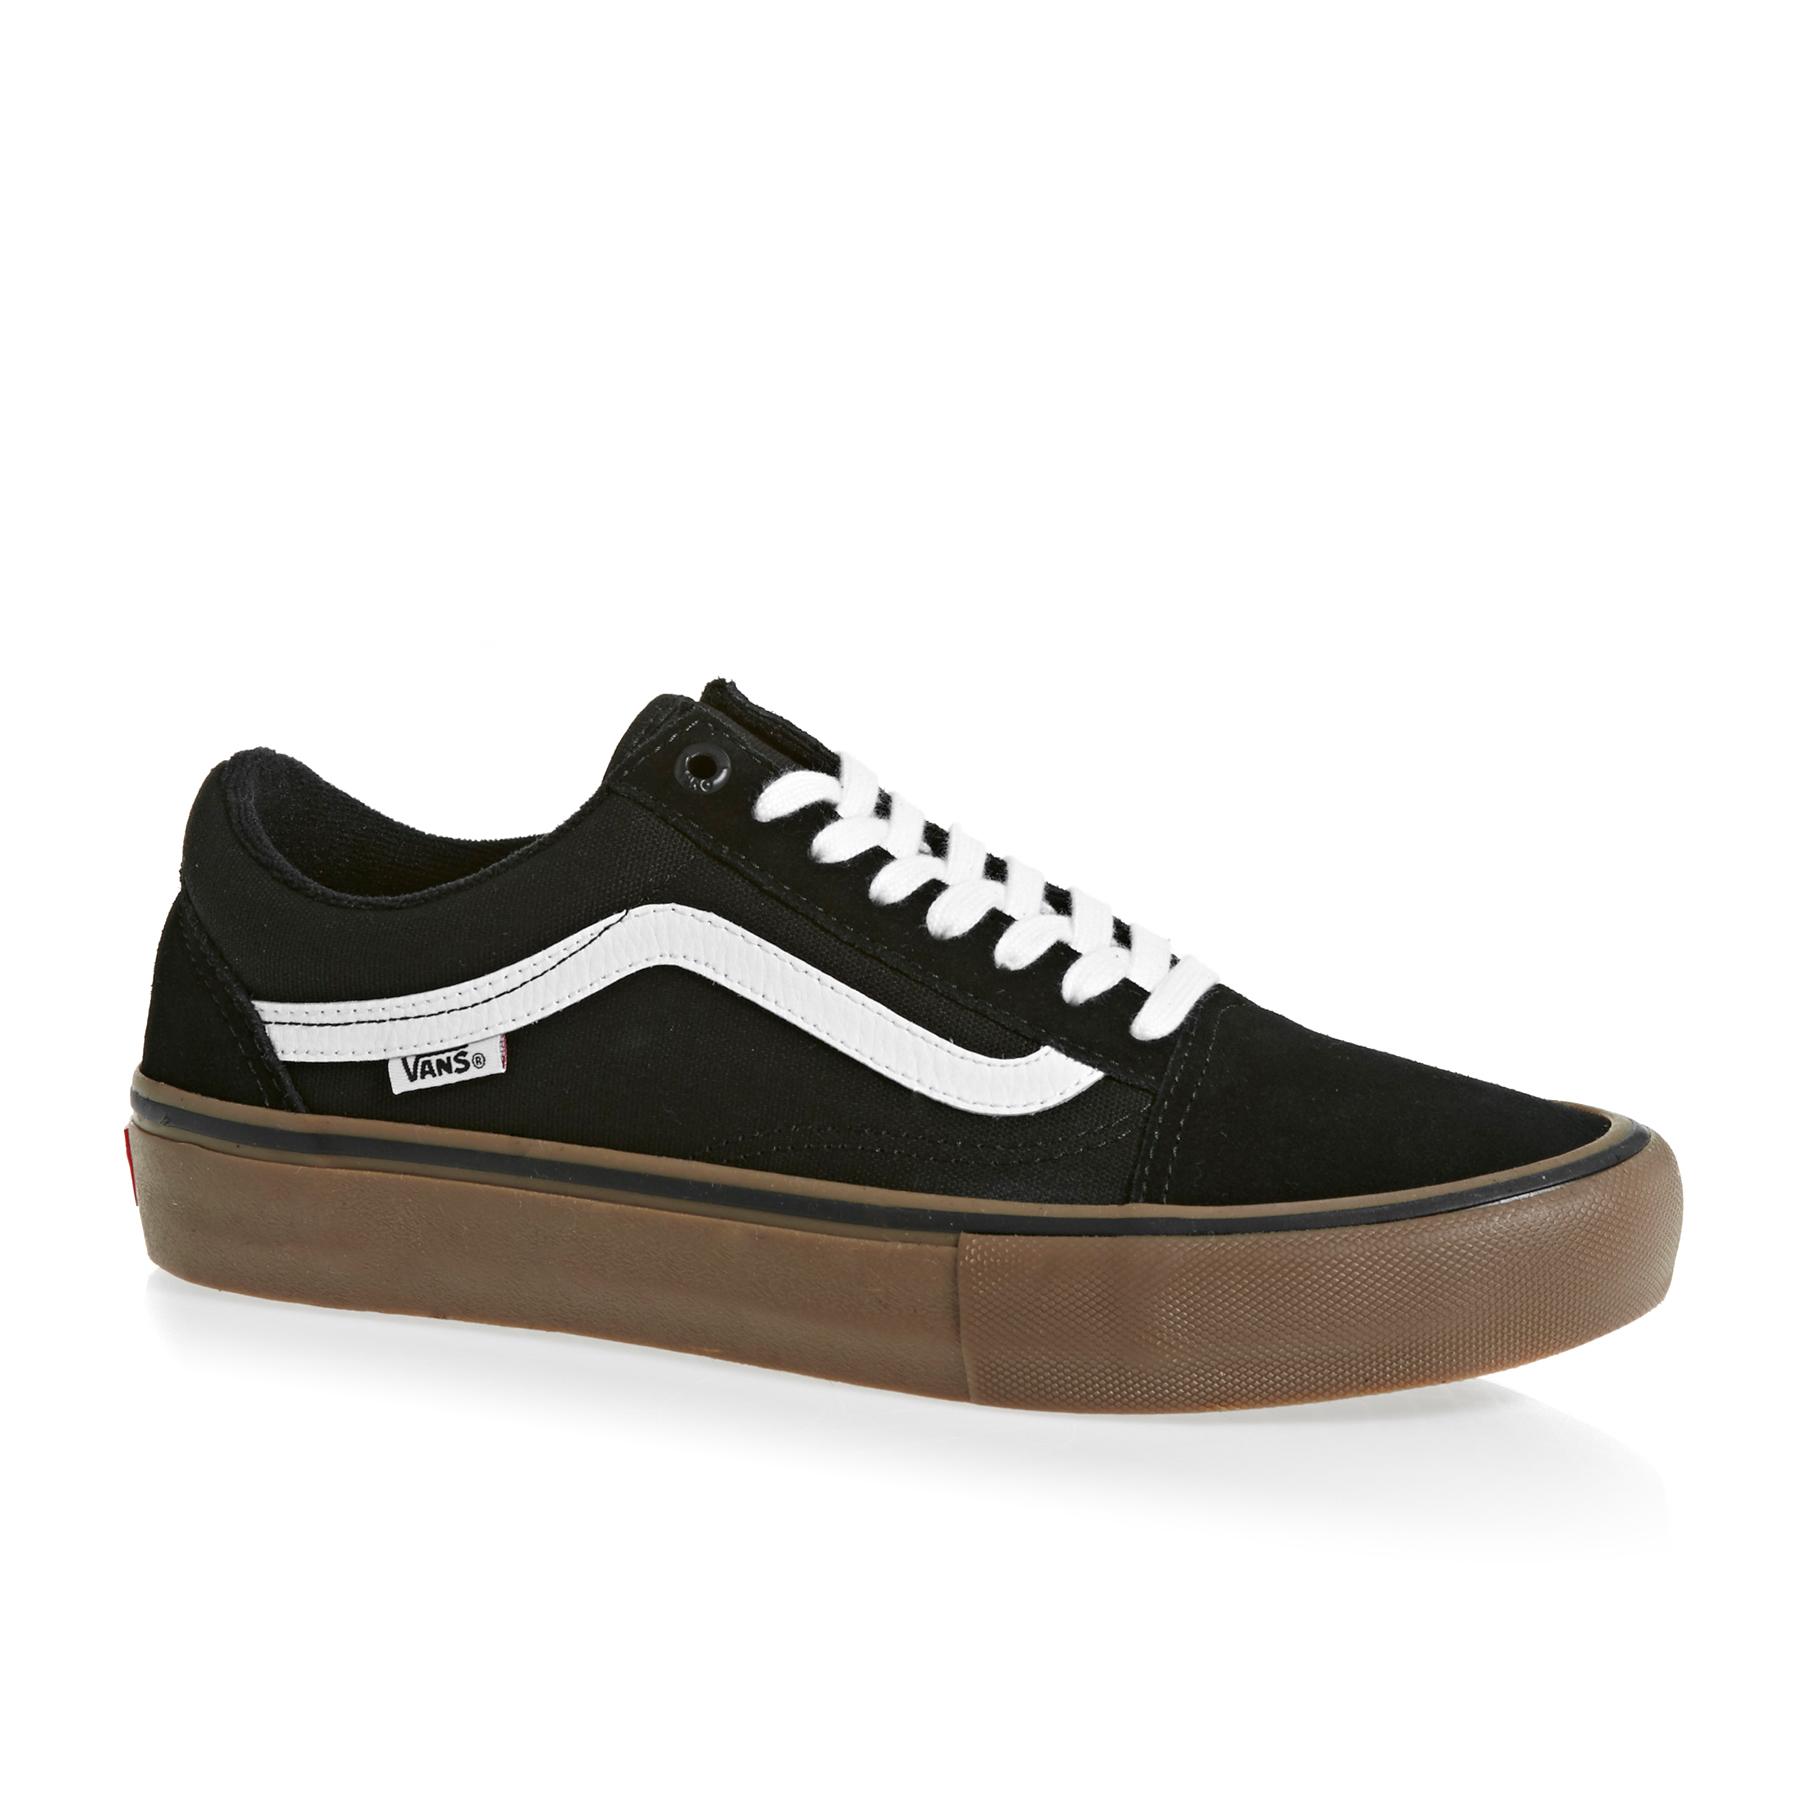 Chaussures pour hommes | Options de livraison gratuite